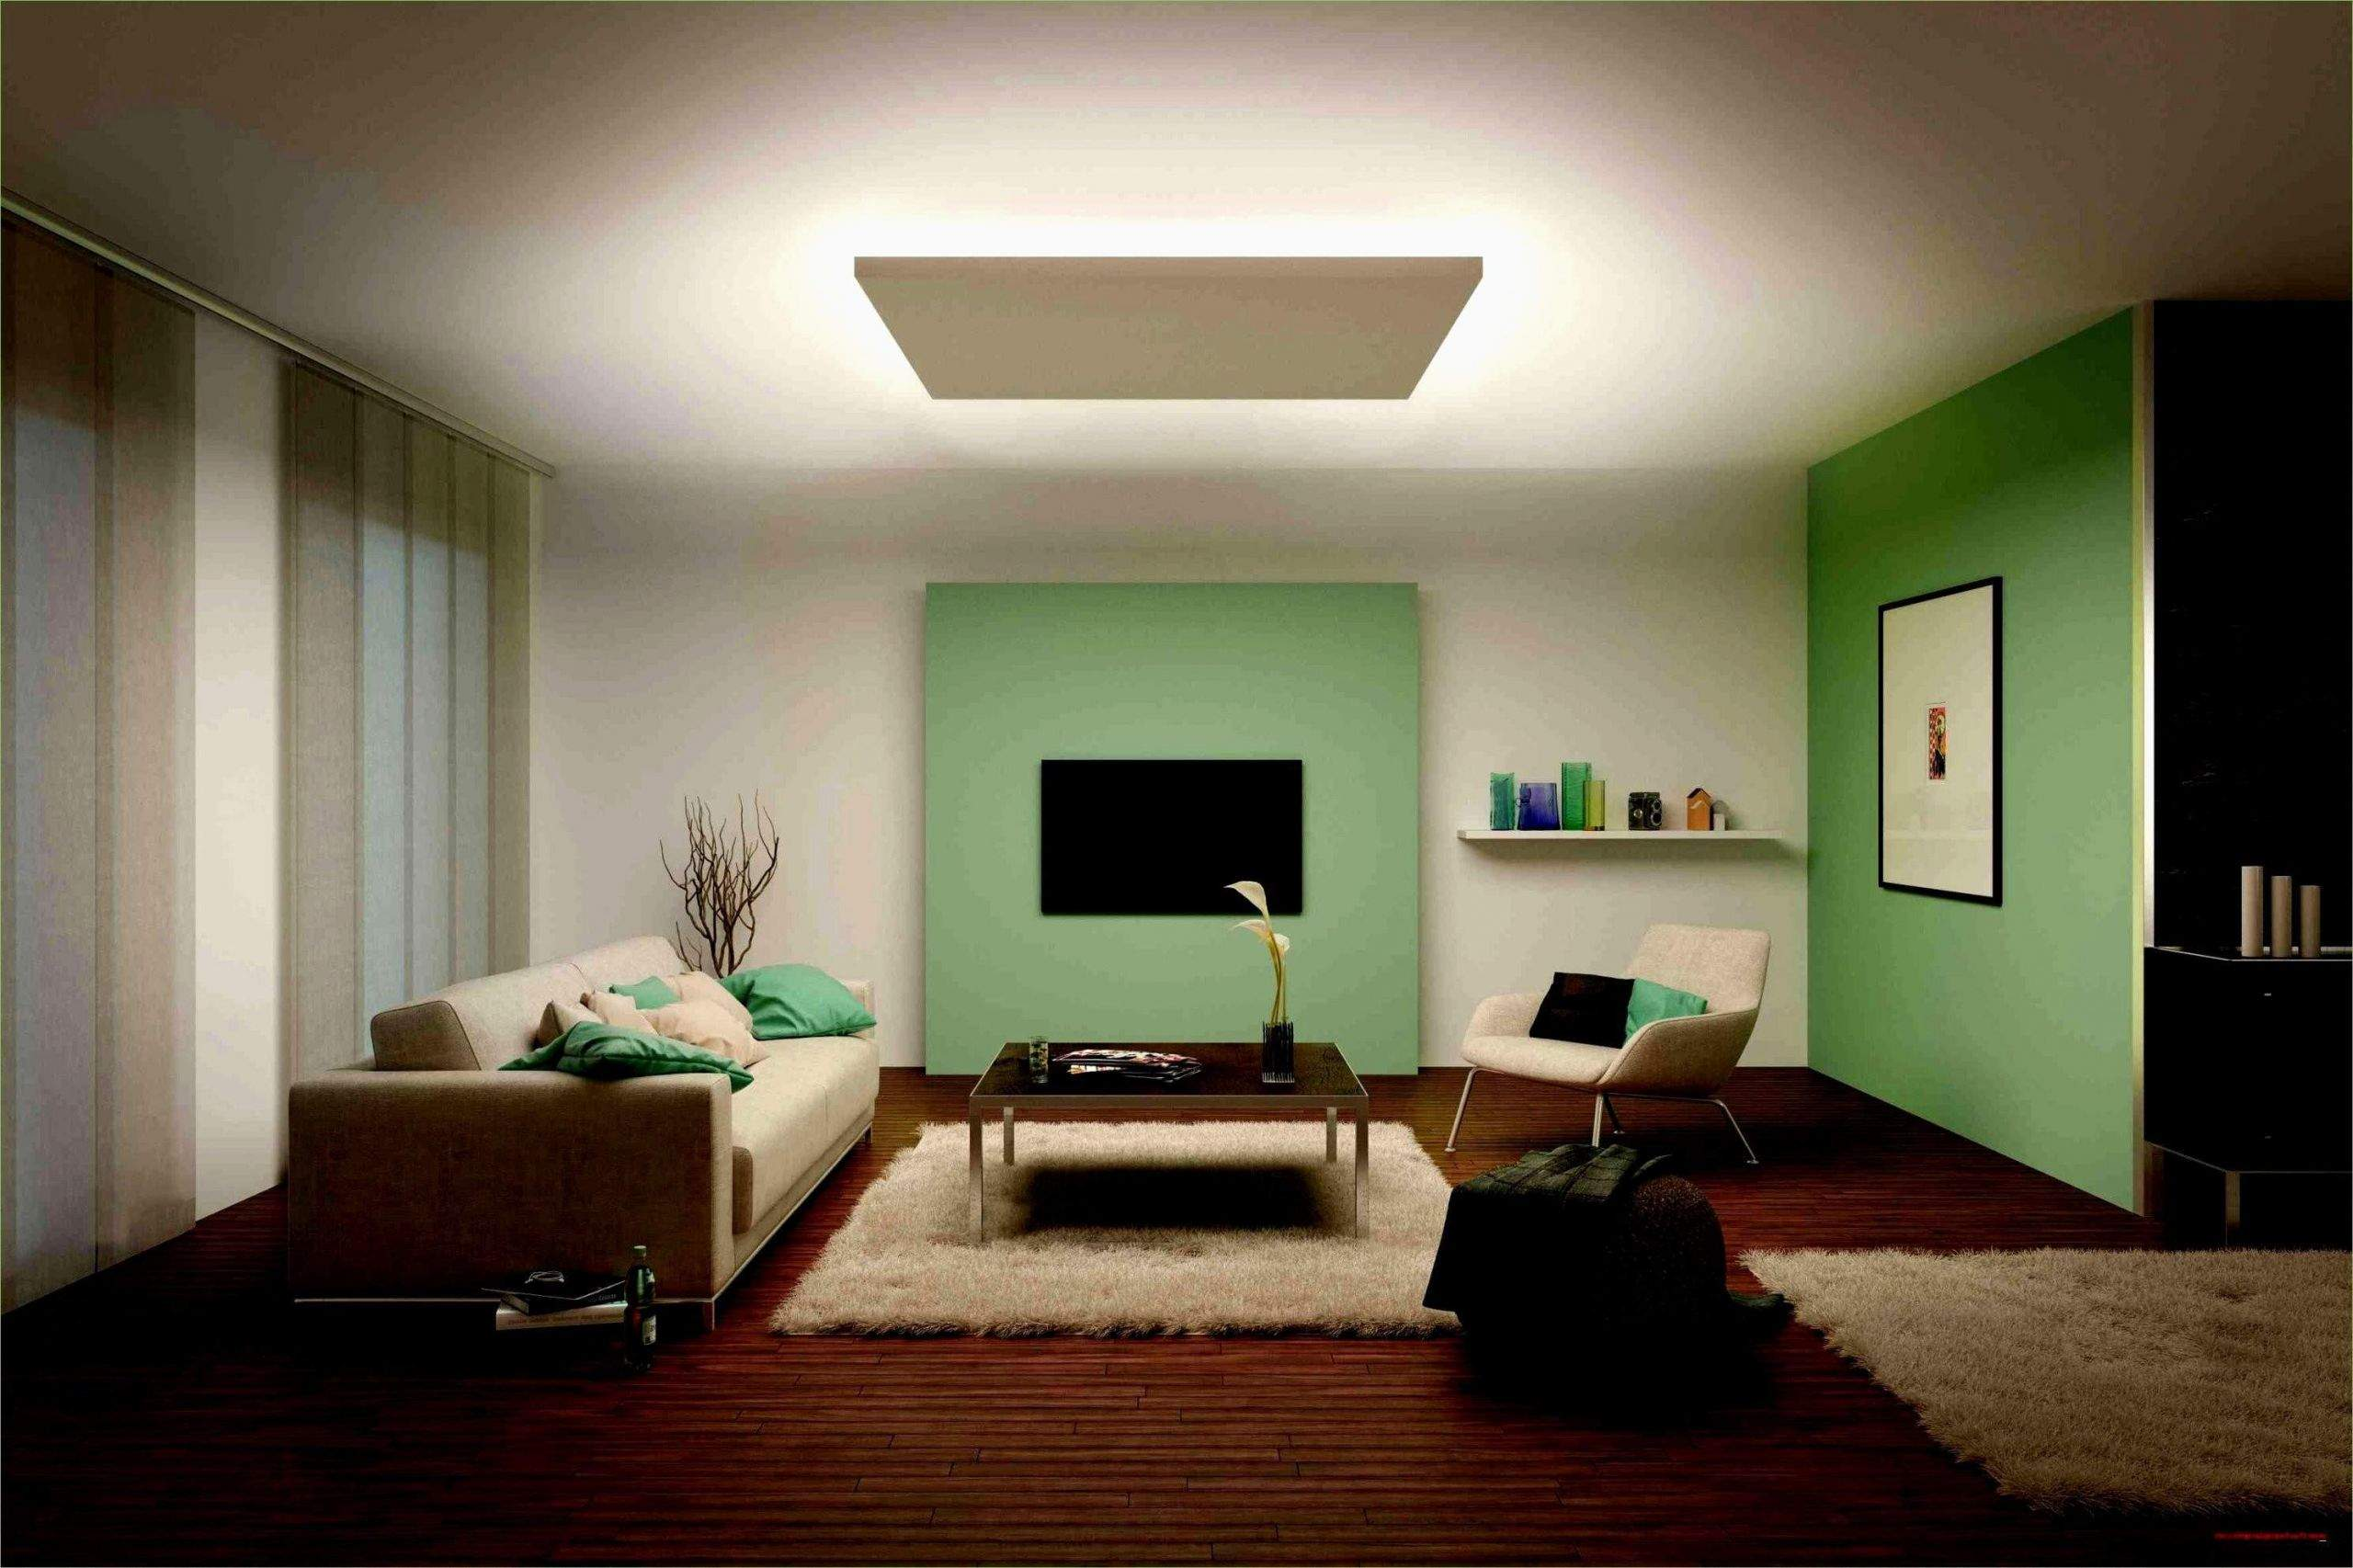 ideen wohnzimmer neu retro wohnzimmer frisch deckenlampe wohnzimmer 0d of ideen wohnzimmer scaled